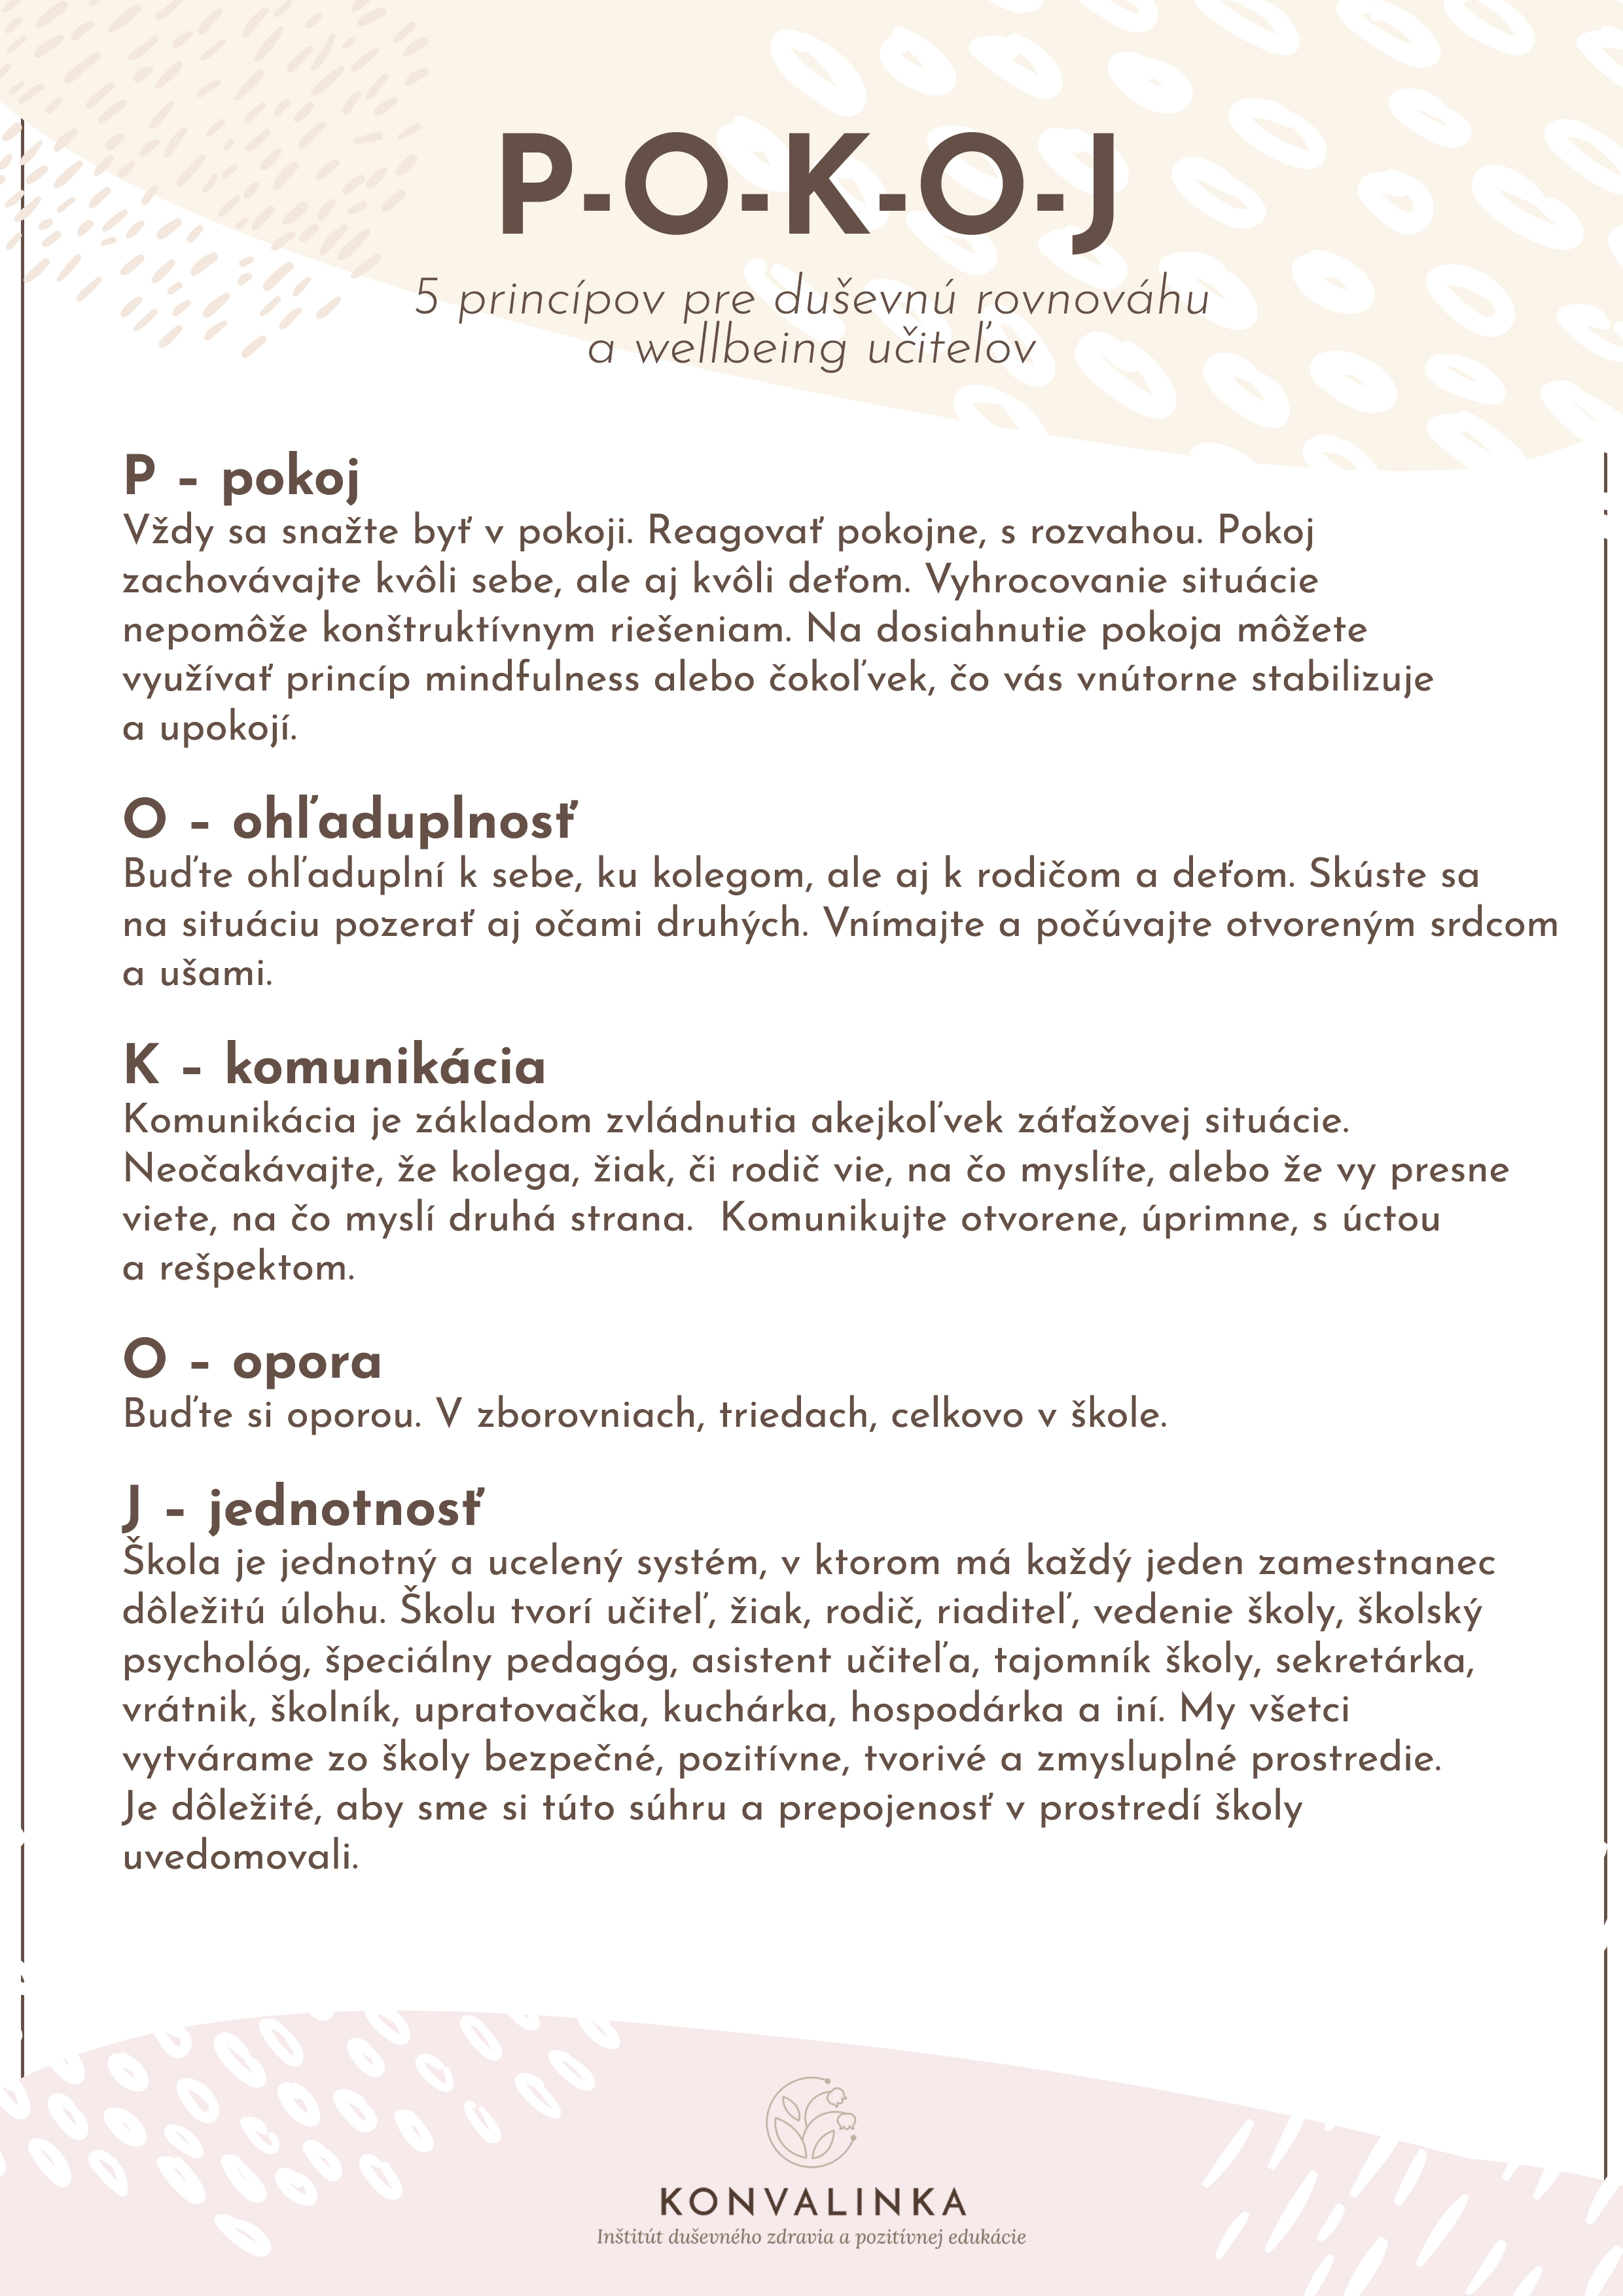 Wellbeing pre učiteľov / Zdroj: KONVALINKA - Inštitút duševného zdravia a pozitívnej edukácie